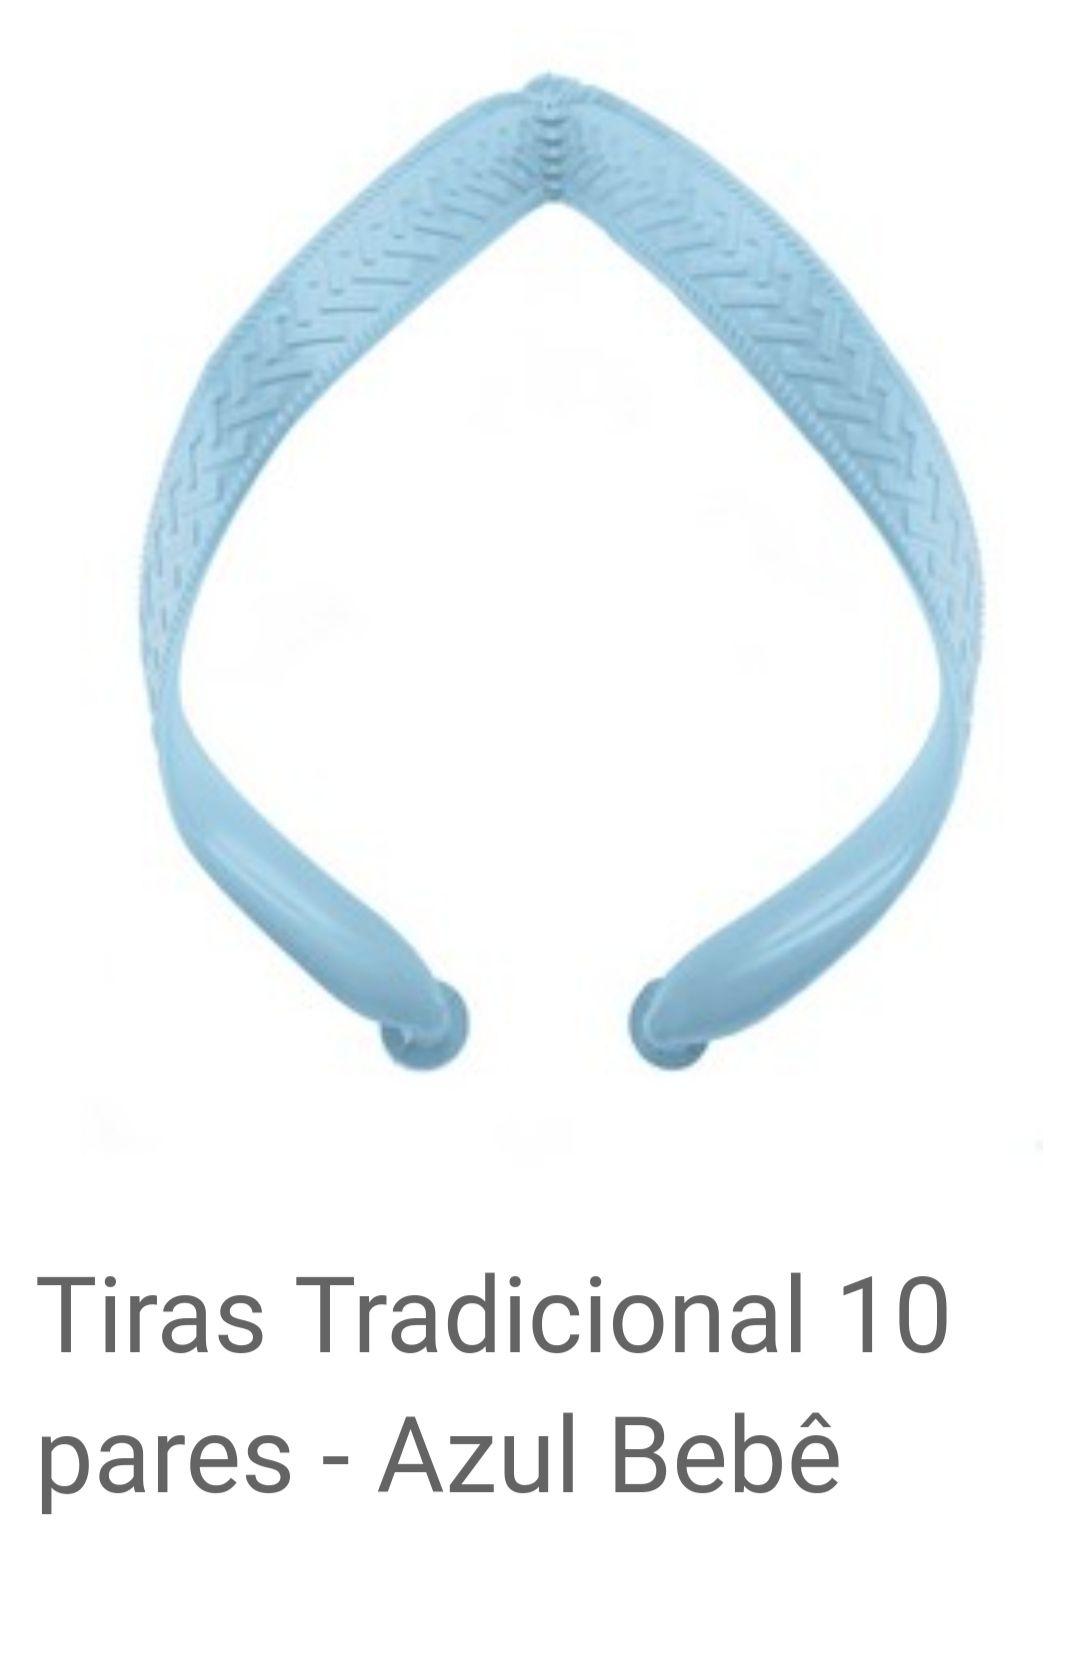 Tiras Tradicional Azul Bebê com 10 pares